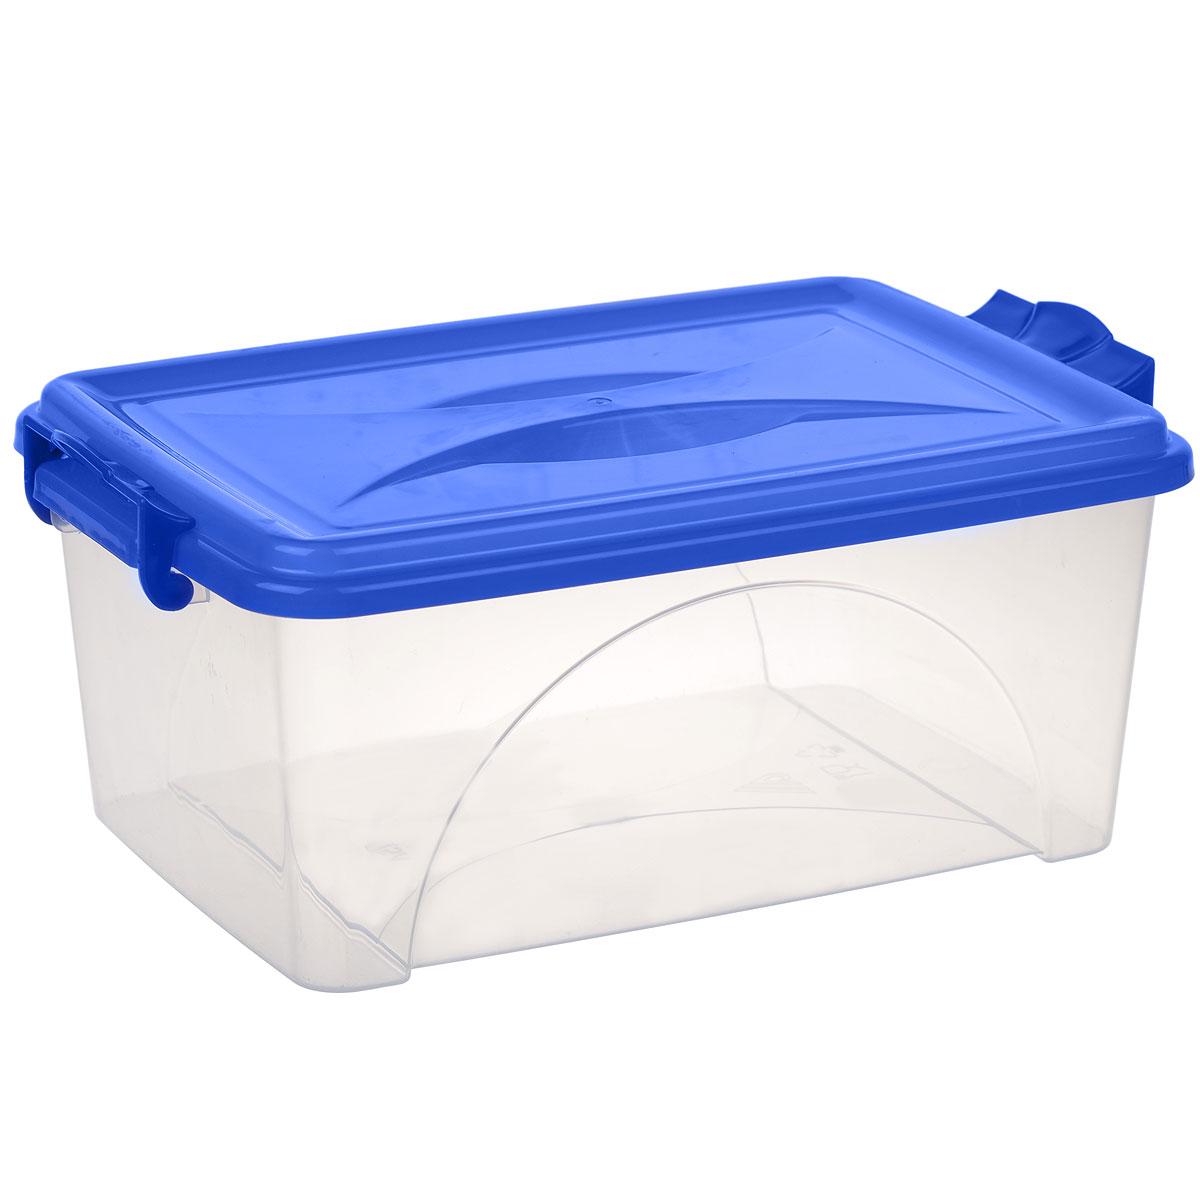 Контейнер Альтернатива, цвет: синий, 7,5 лМ428Контейнер Альтернатива выполнен из прочного пластика. Он предназначен для хранения различных мелких вещей. Крышка легко открывается и плотно закрывается. Прозрачные стенки позволяют видеть содержимое. По бокам предусмотрены две удобные ручки, с помощью которых контейнер закрывается.Контейнер поможет хранить все в одном месте, а также защитить вещи от пыли, грязи и влаги.